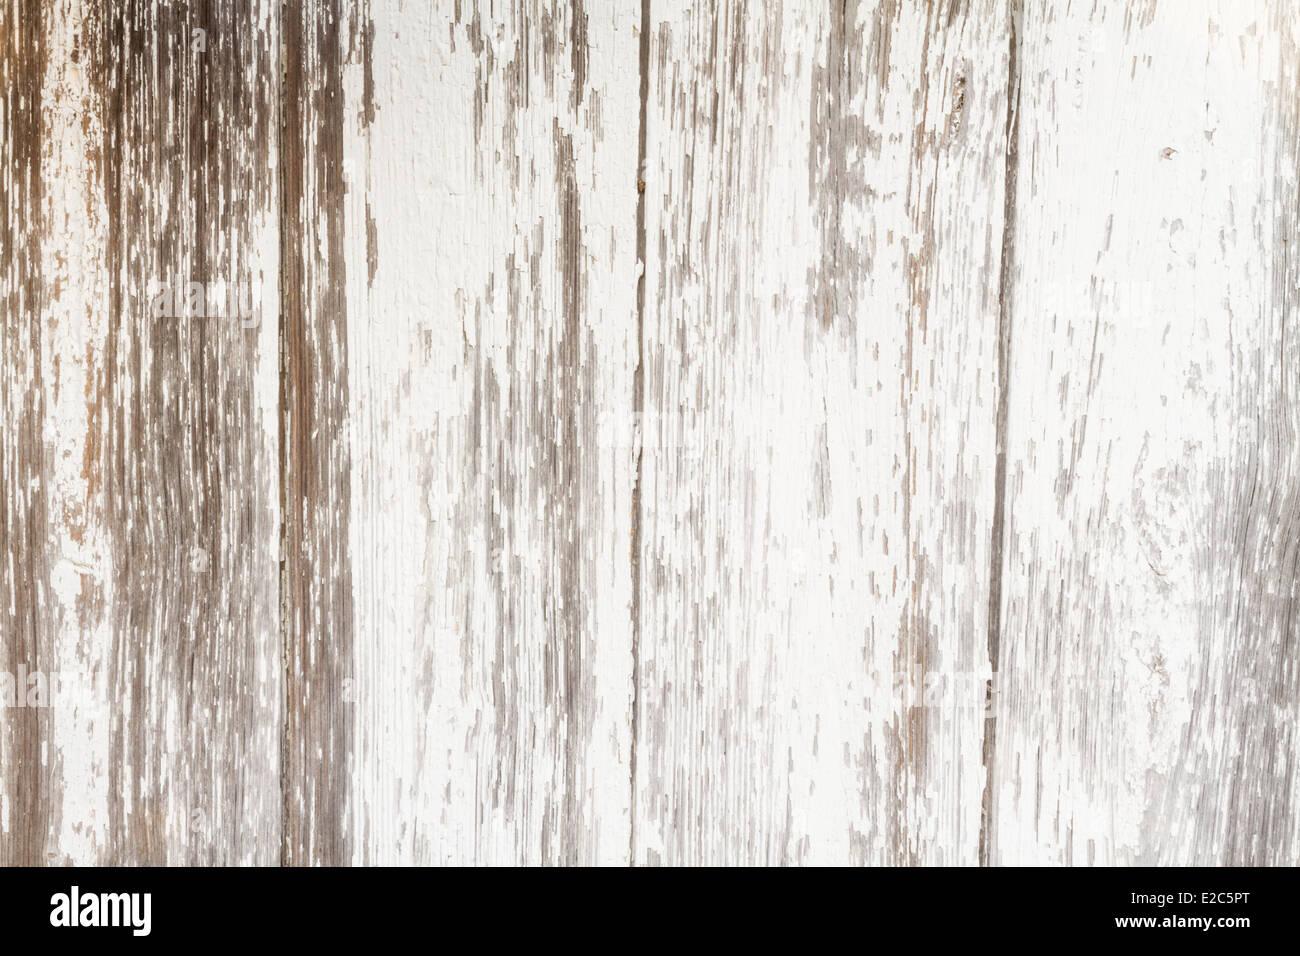 Entre las placas de un viejo cobertizo. Imagen De Stock